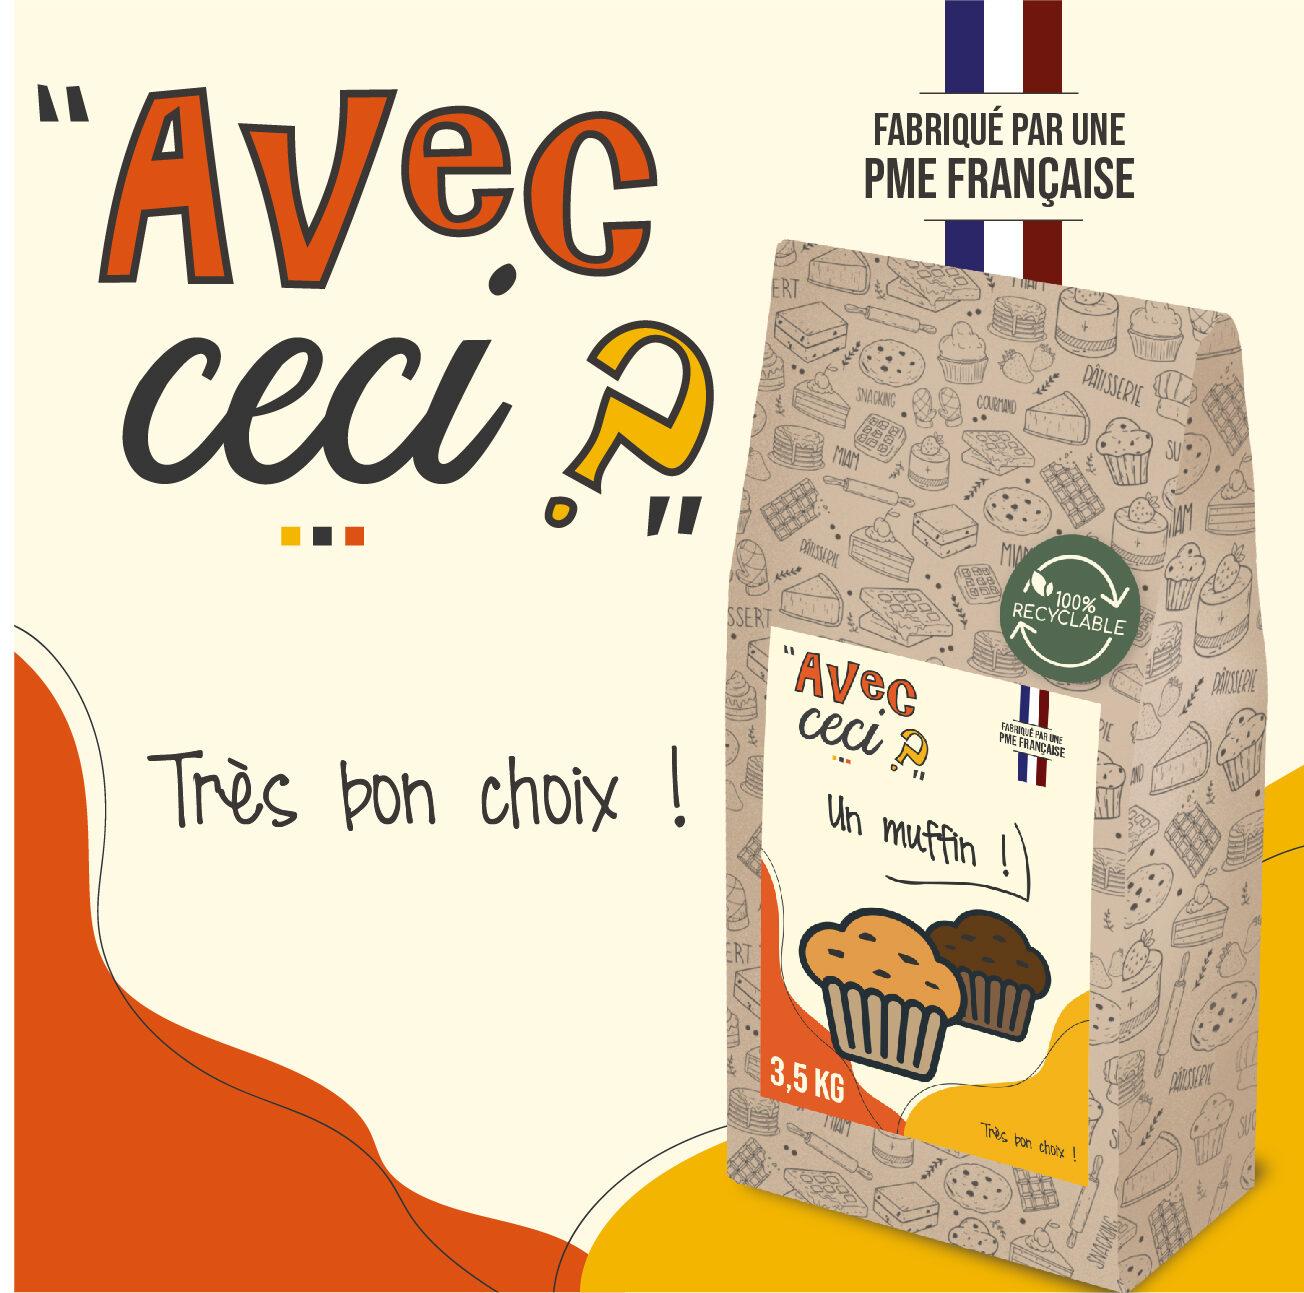 """Préparations culinaires salées et sucrées   SOMAPRO - Somapro lance la marque """"AVEC CECI ?"""" - somapro lance avec ceci e1619686437529 - 1"""